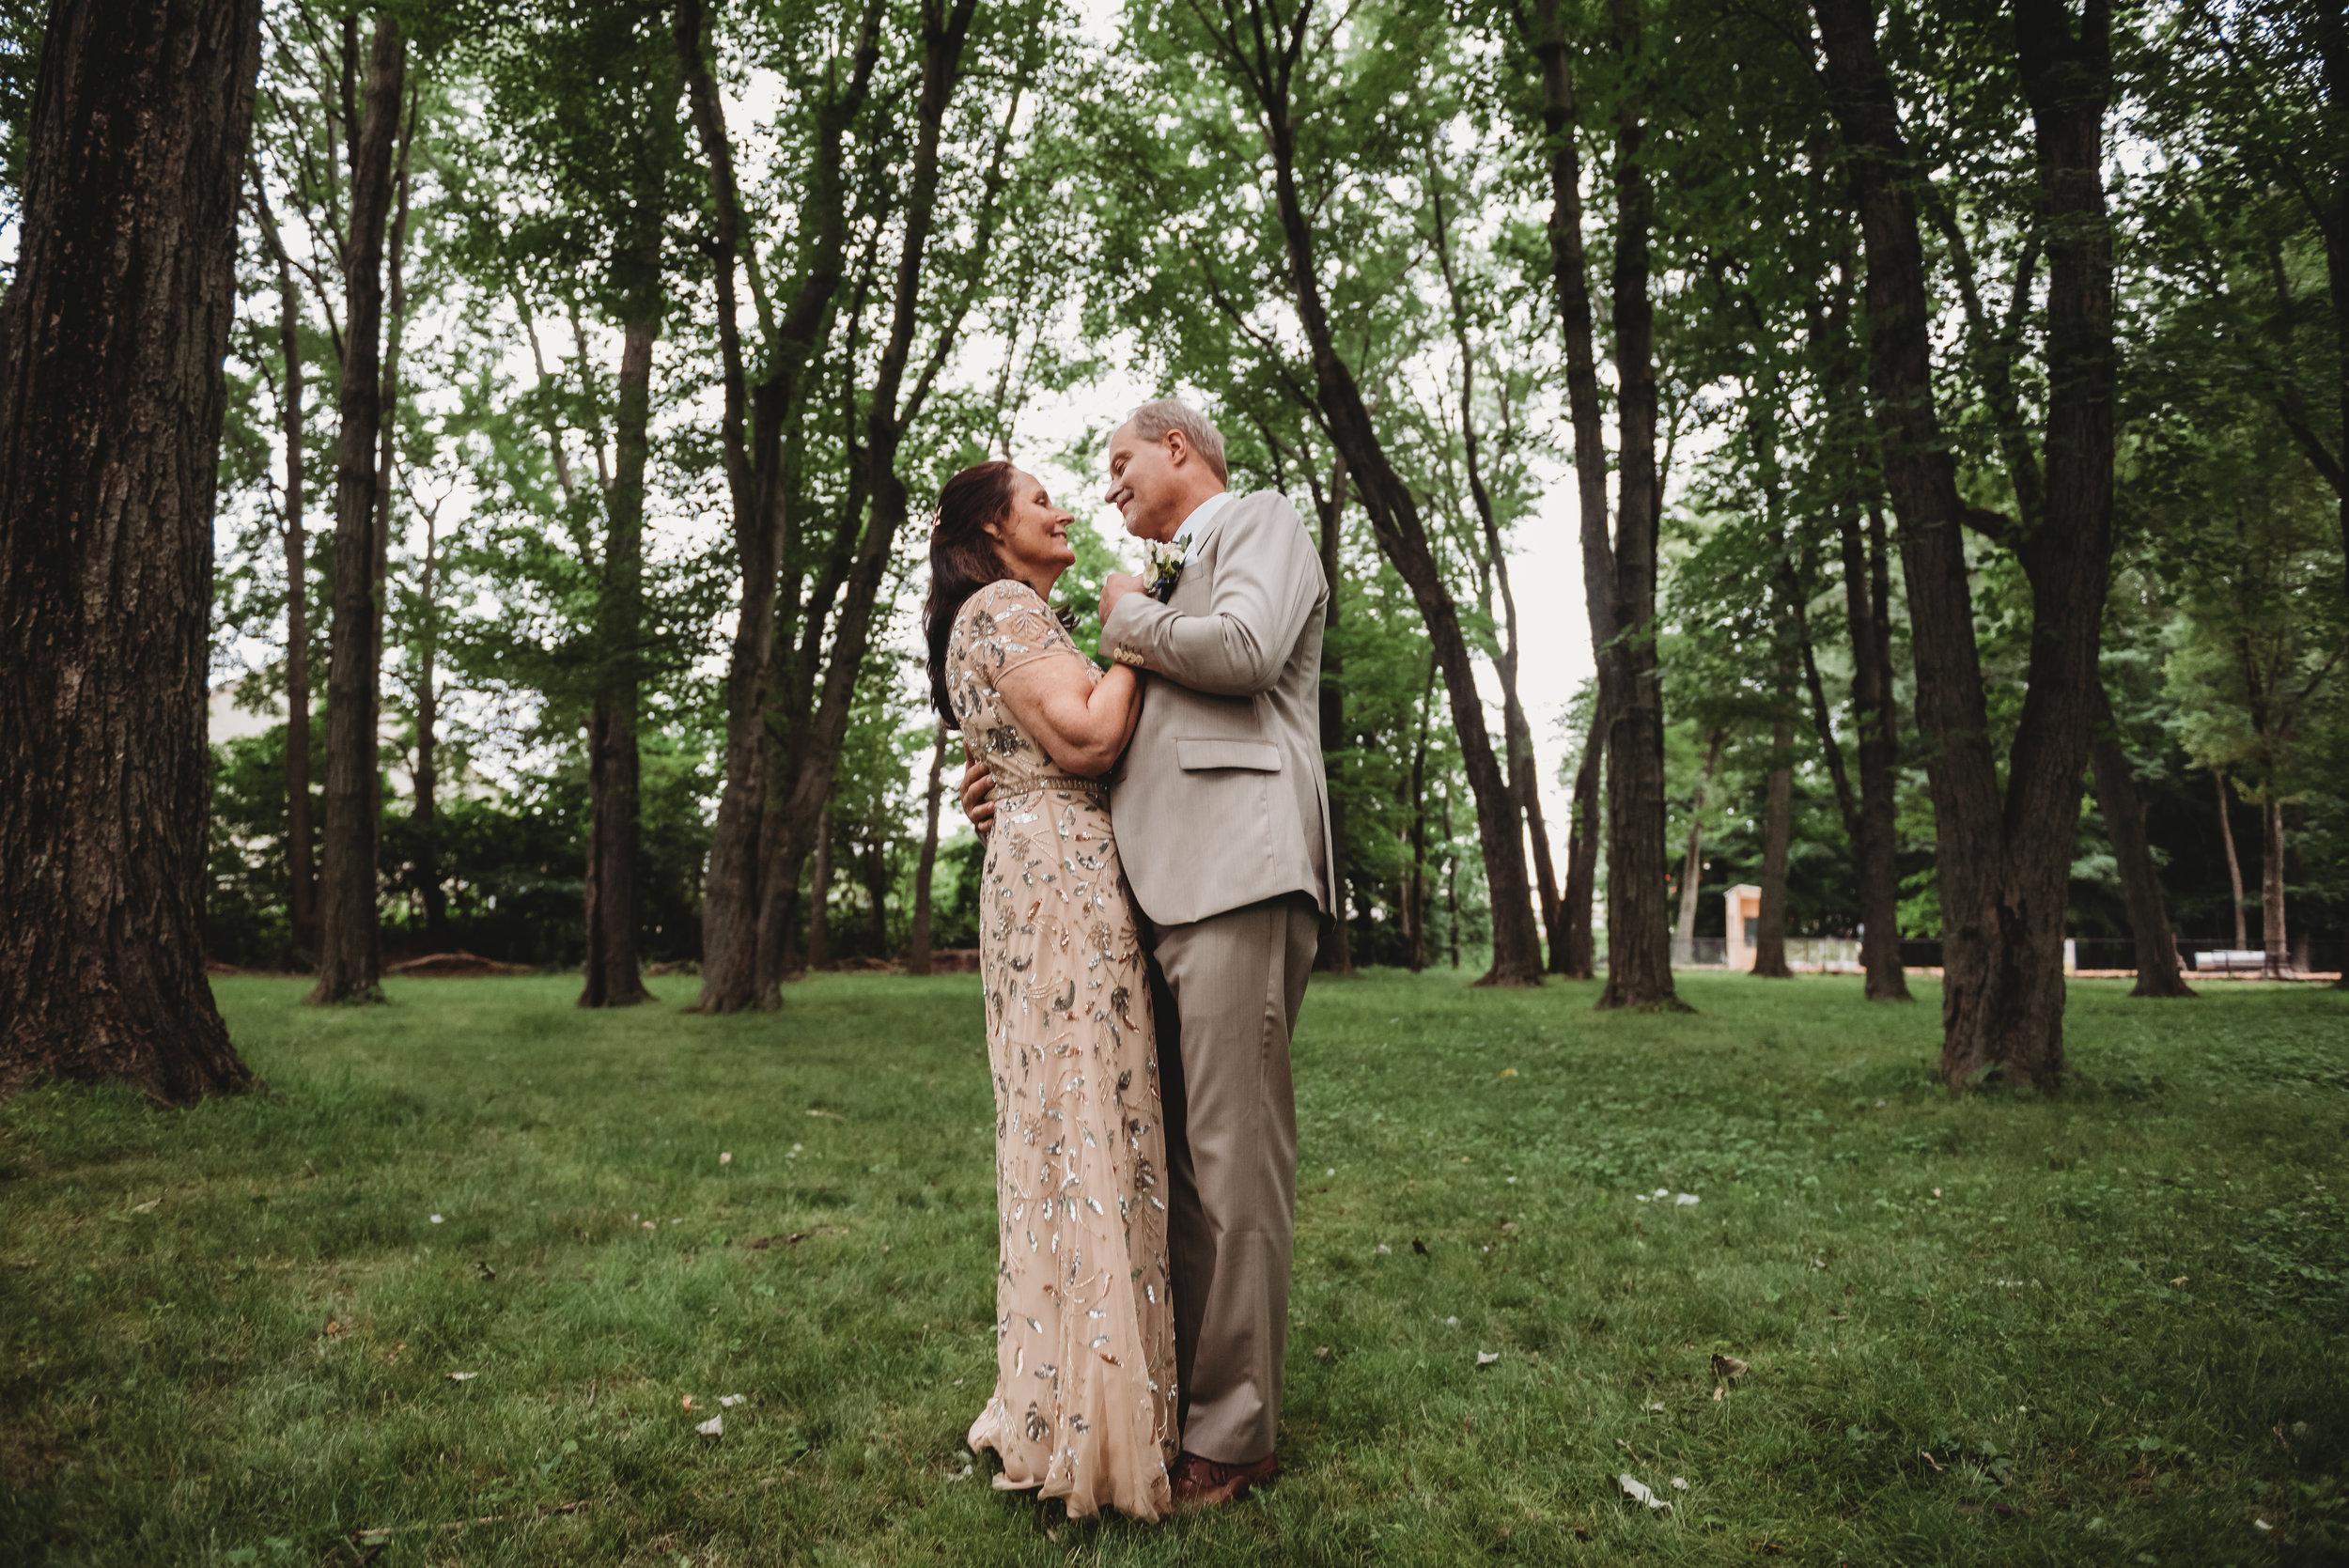 Gumlaw_Wedding_Portraits-166.jpg